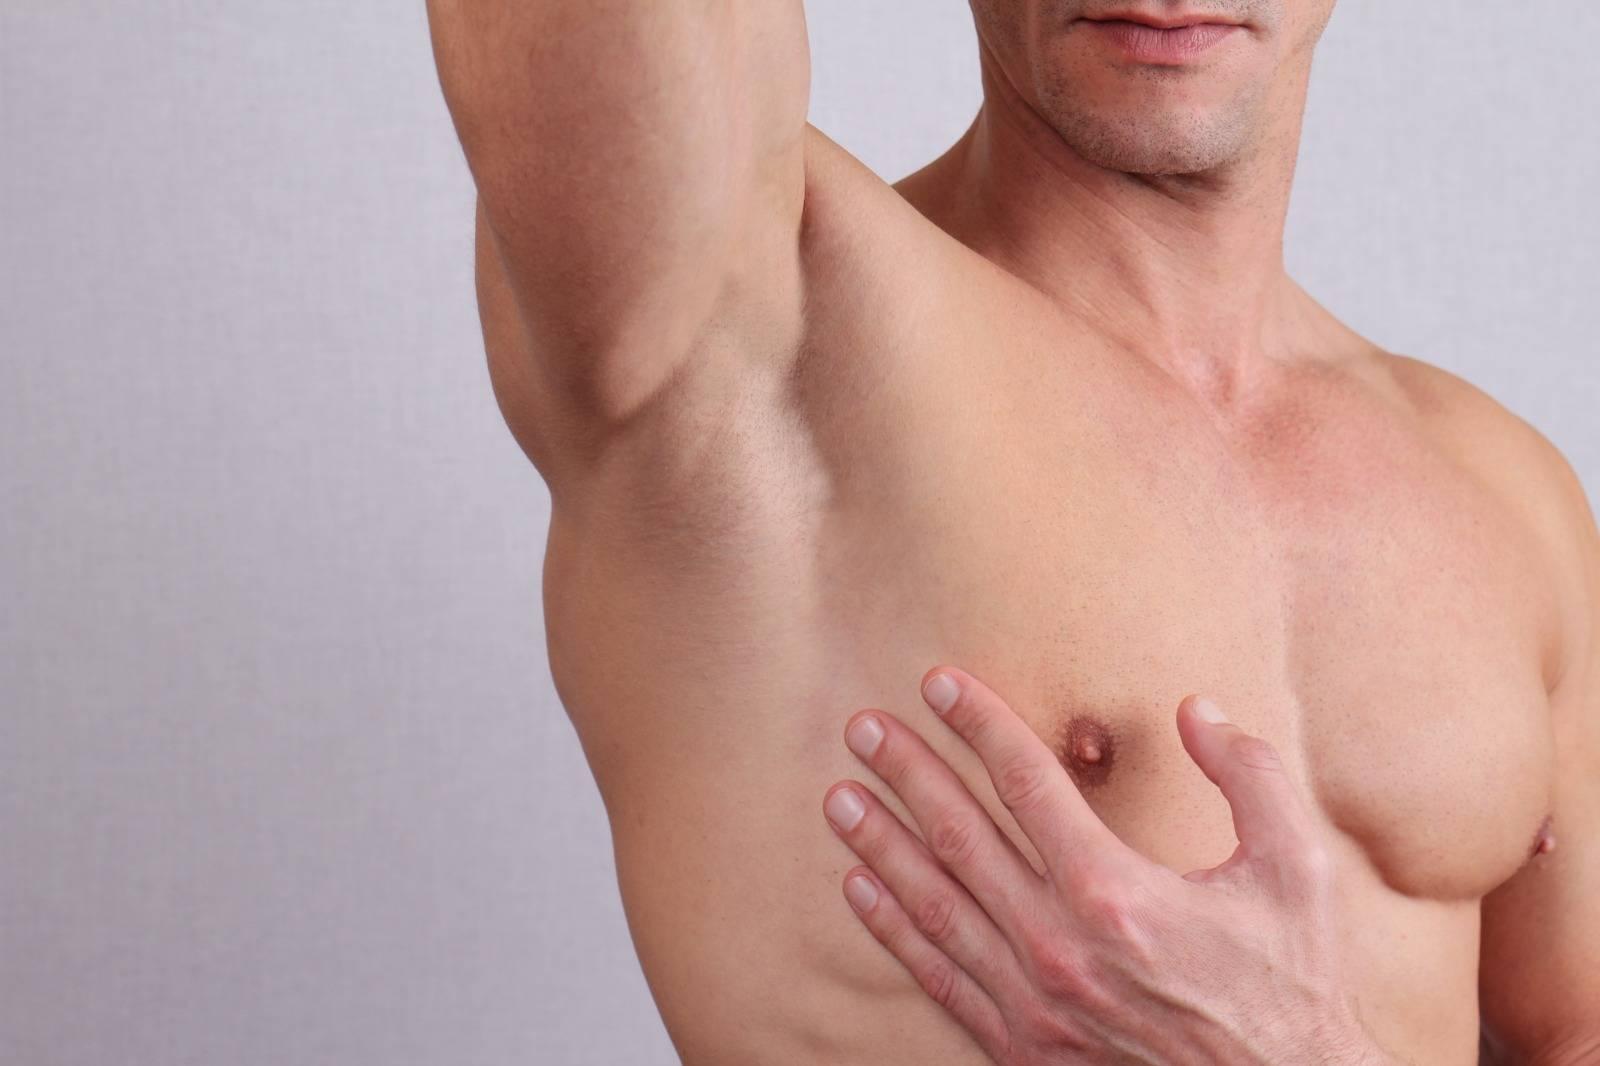 У мужчины чуть болит грудь